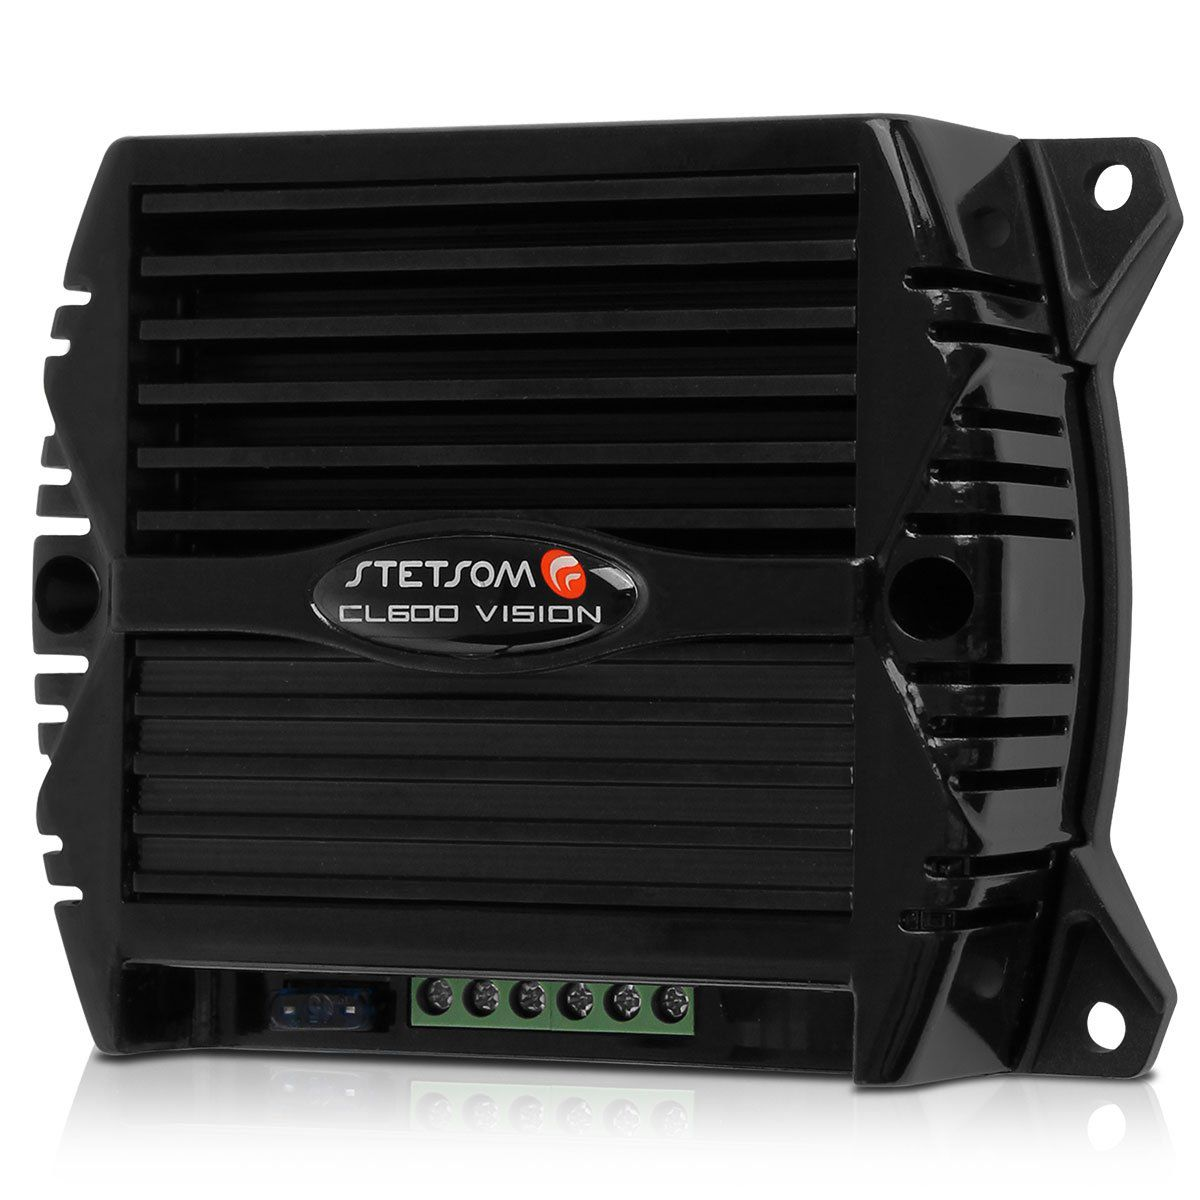 Modulo Amplificador Stetsom Cl600 Vision 200w Rms 2 Canais